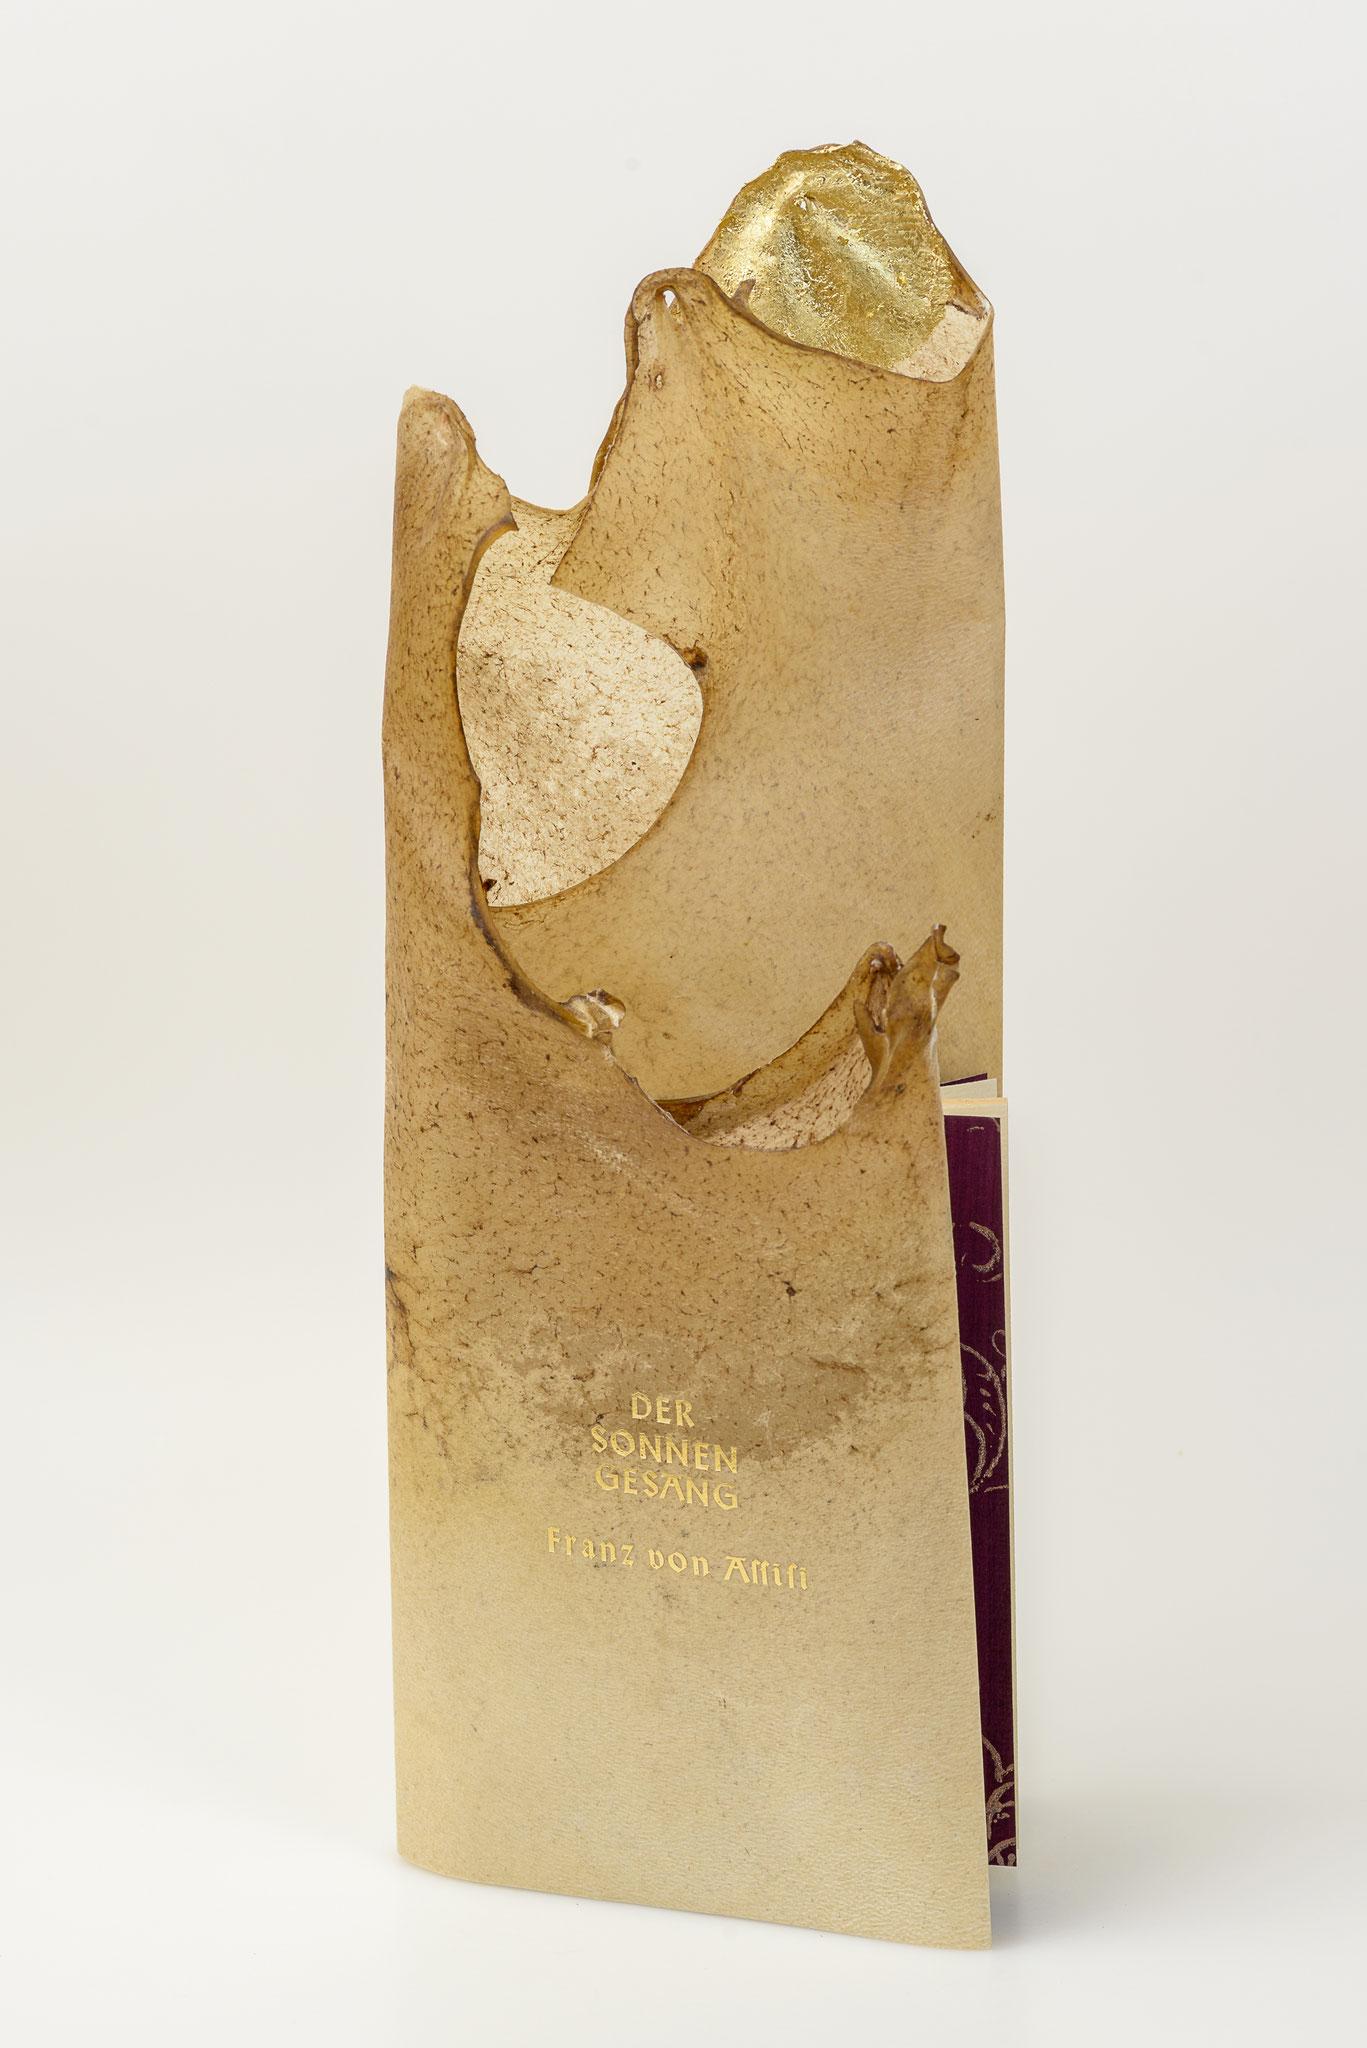 Der Sonnengesang von Franz von Assisi, Pergament Broschur mit Kaltvergoldung verk.